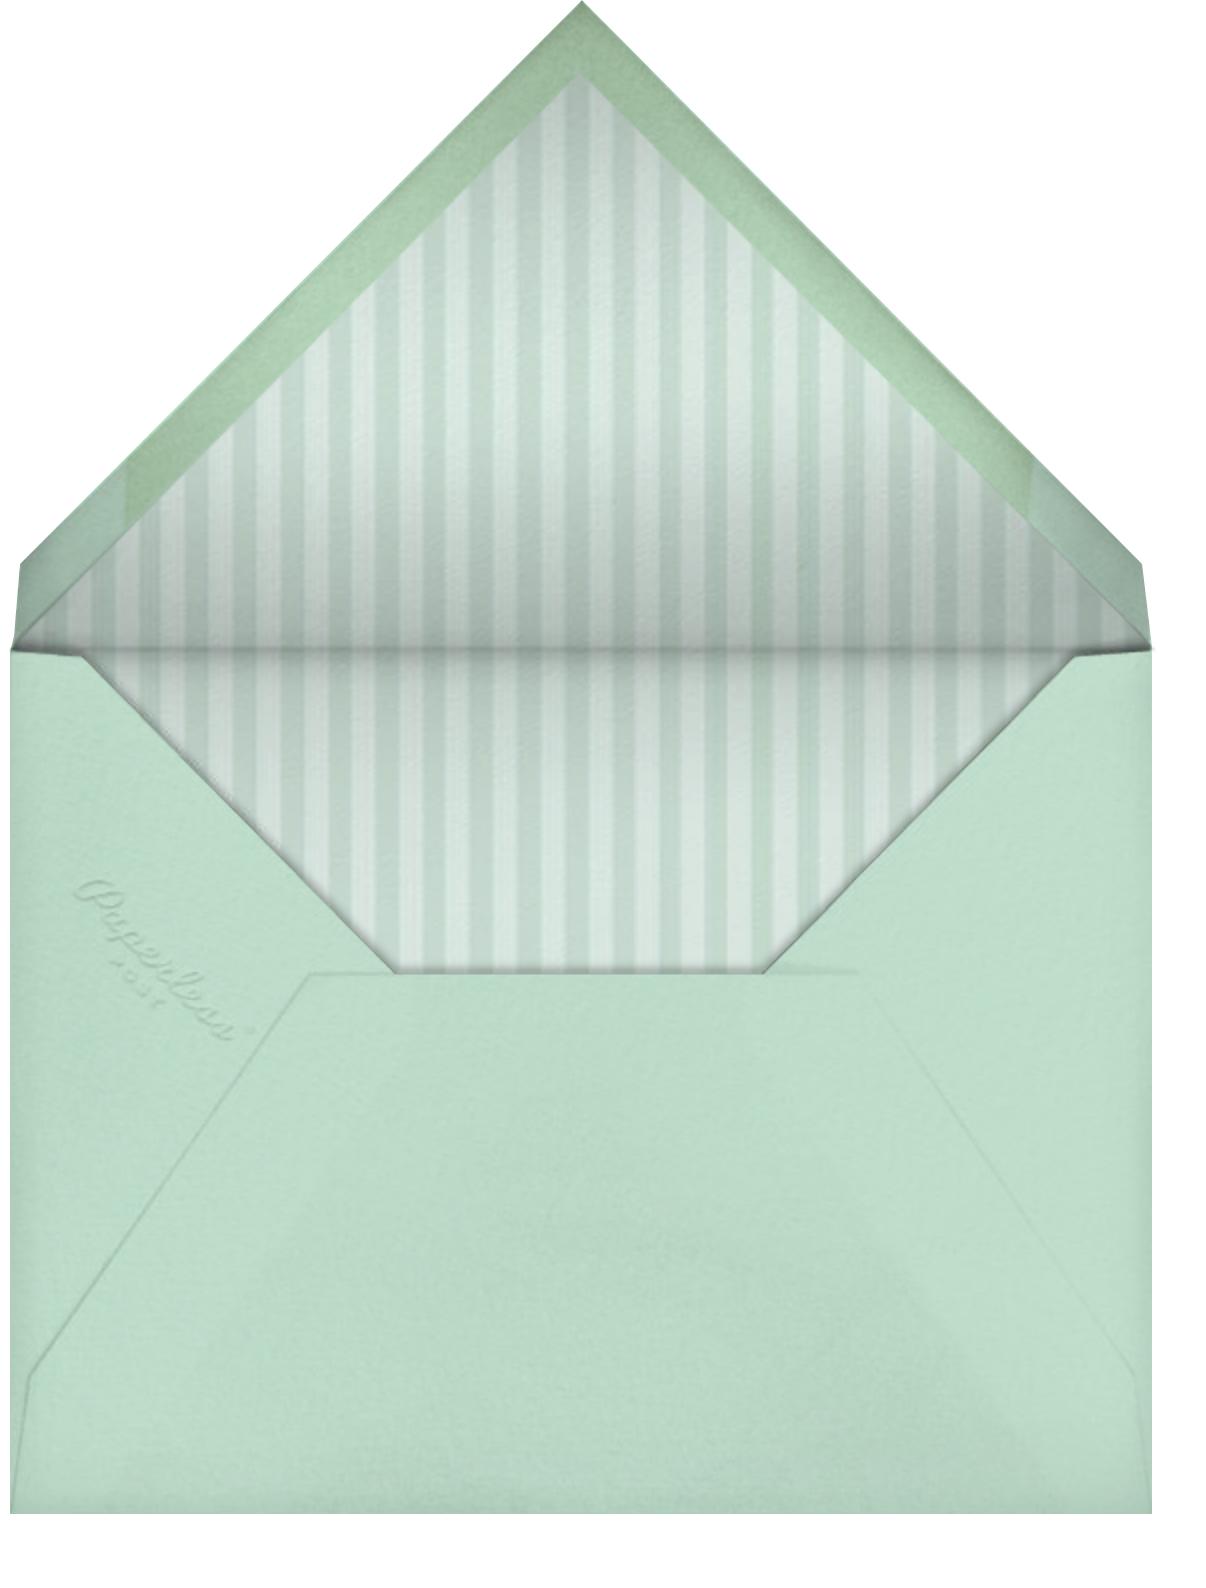 Bunny Ears - Mint - Paperless Post - Easter - envelope back